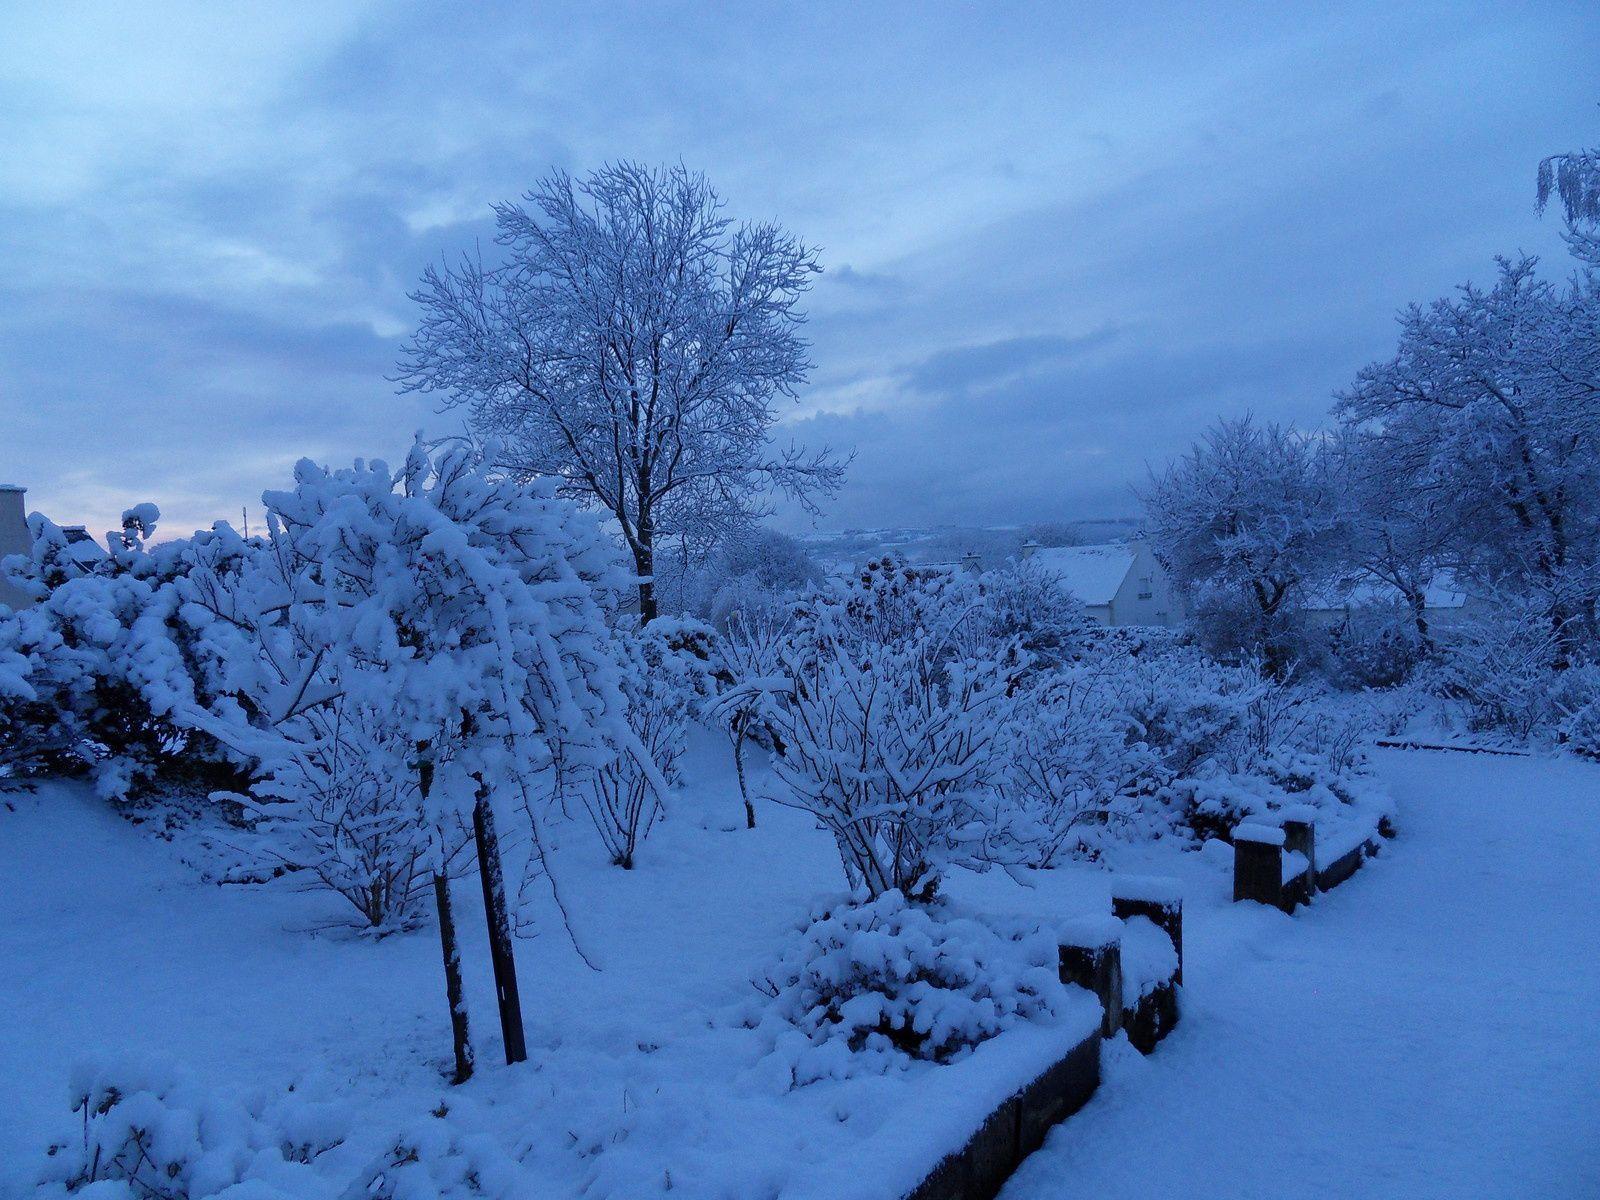 vers 8h30 mardi 3 février le jardin se retrouve recouvert d'un beau manteau blanc , 10 à 15cm sur le jardin ....